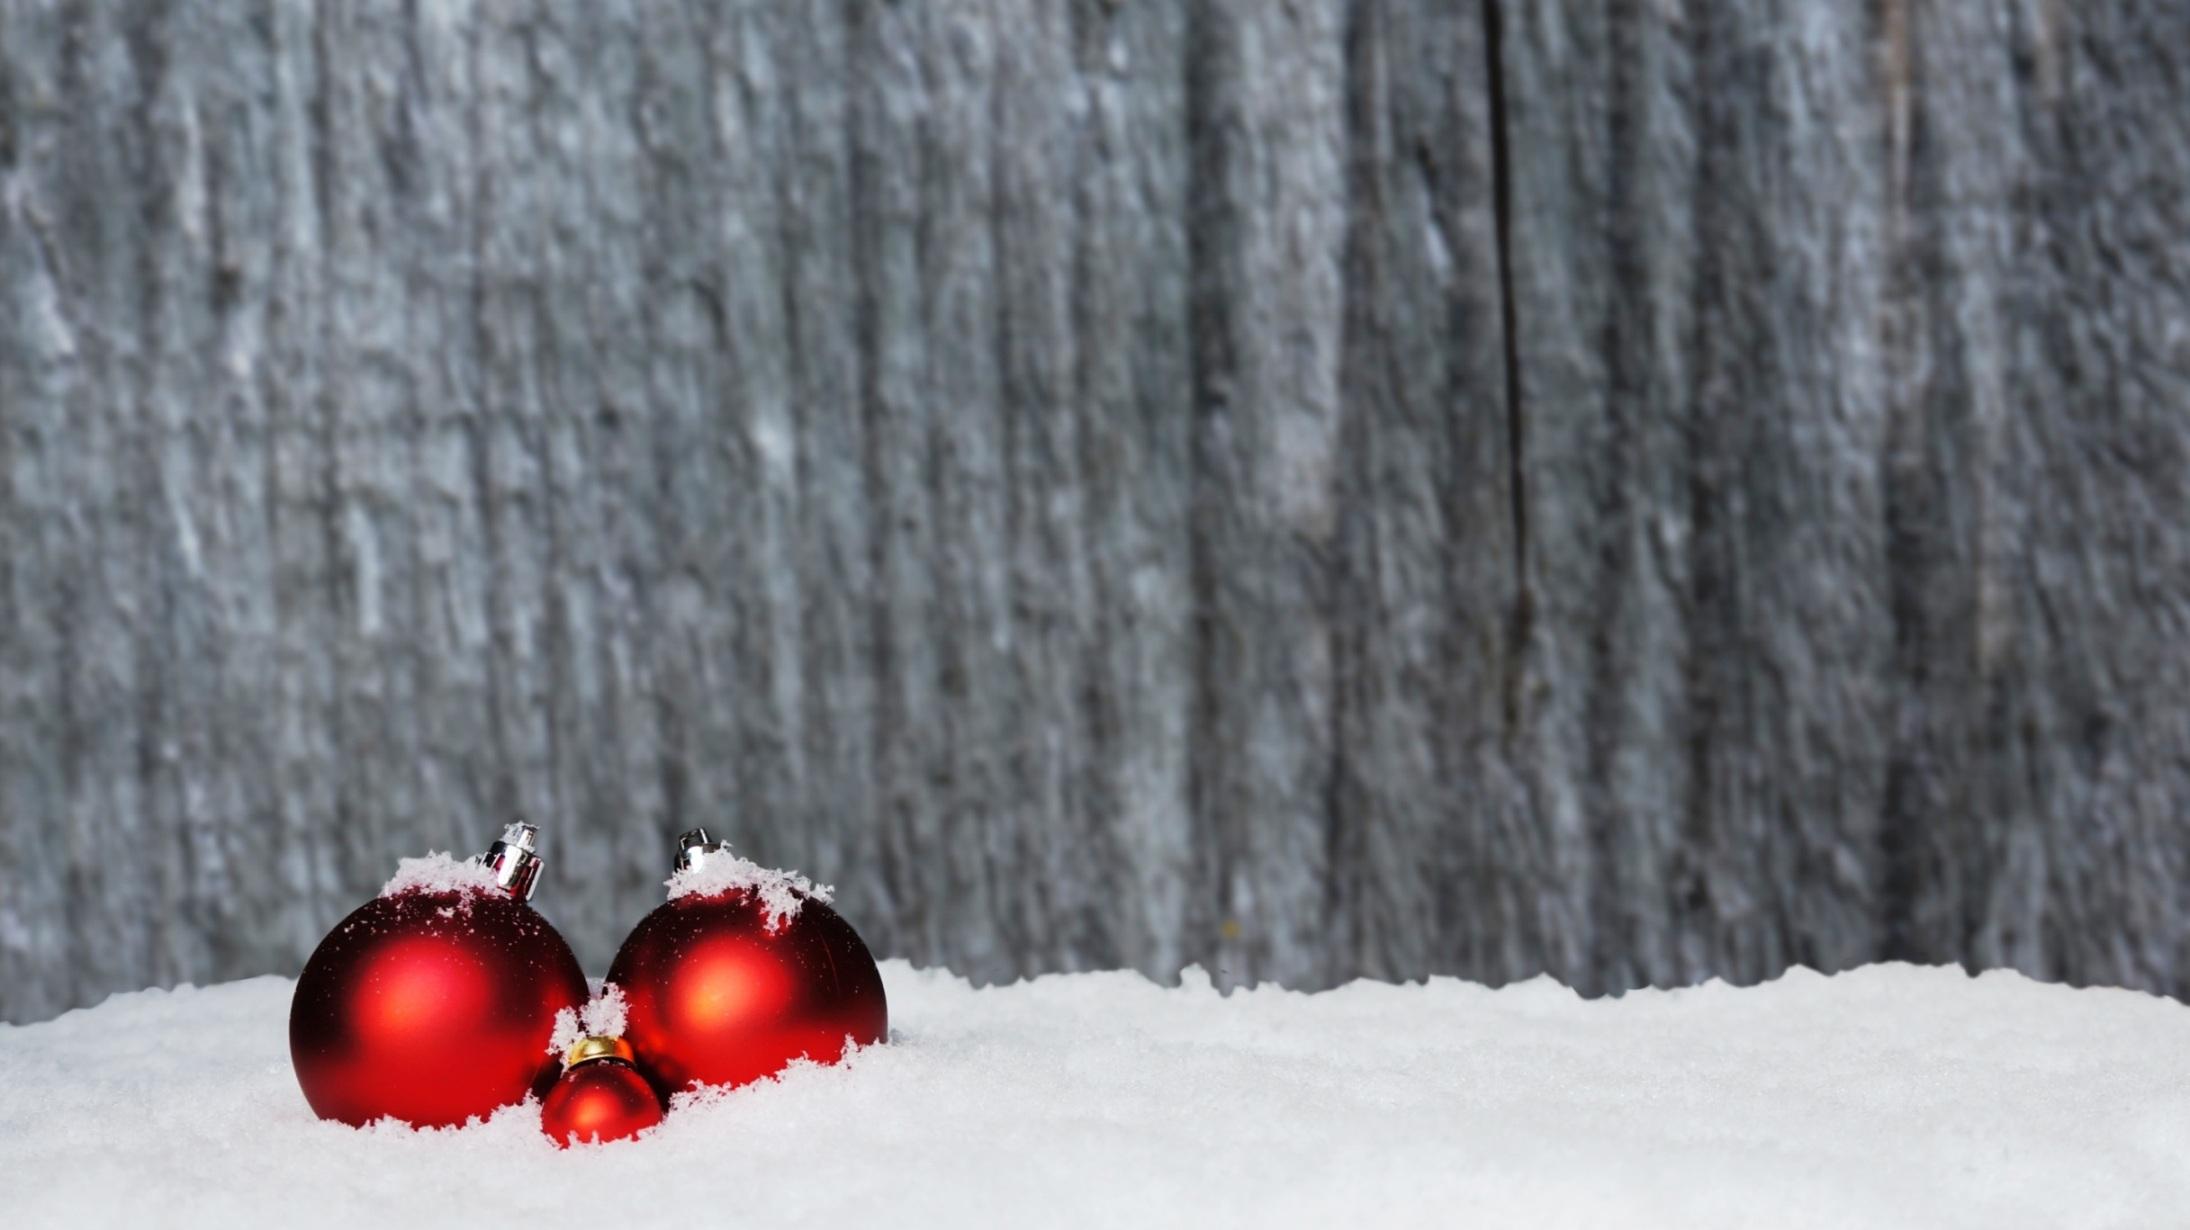 Hintergrund Weihnachten.Weihnachten Hintergrund Musikverein Stadtkapelle Freiberg